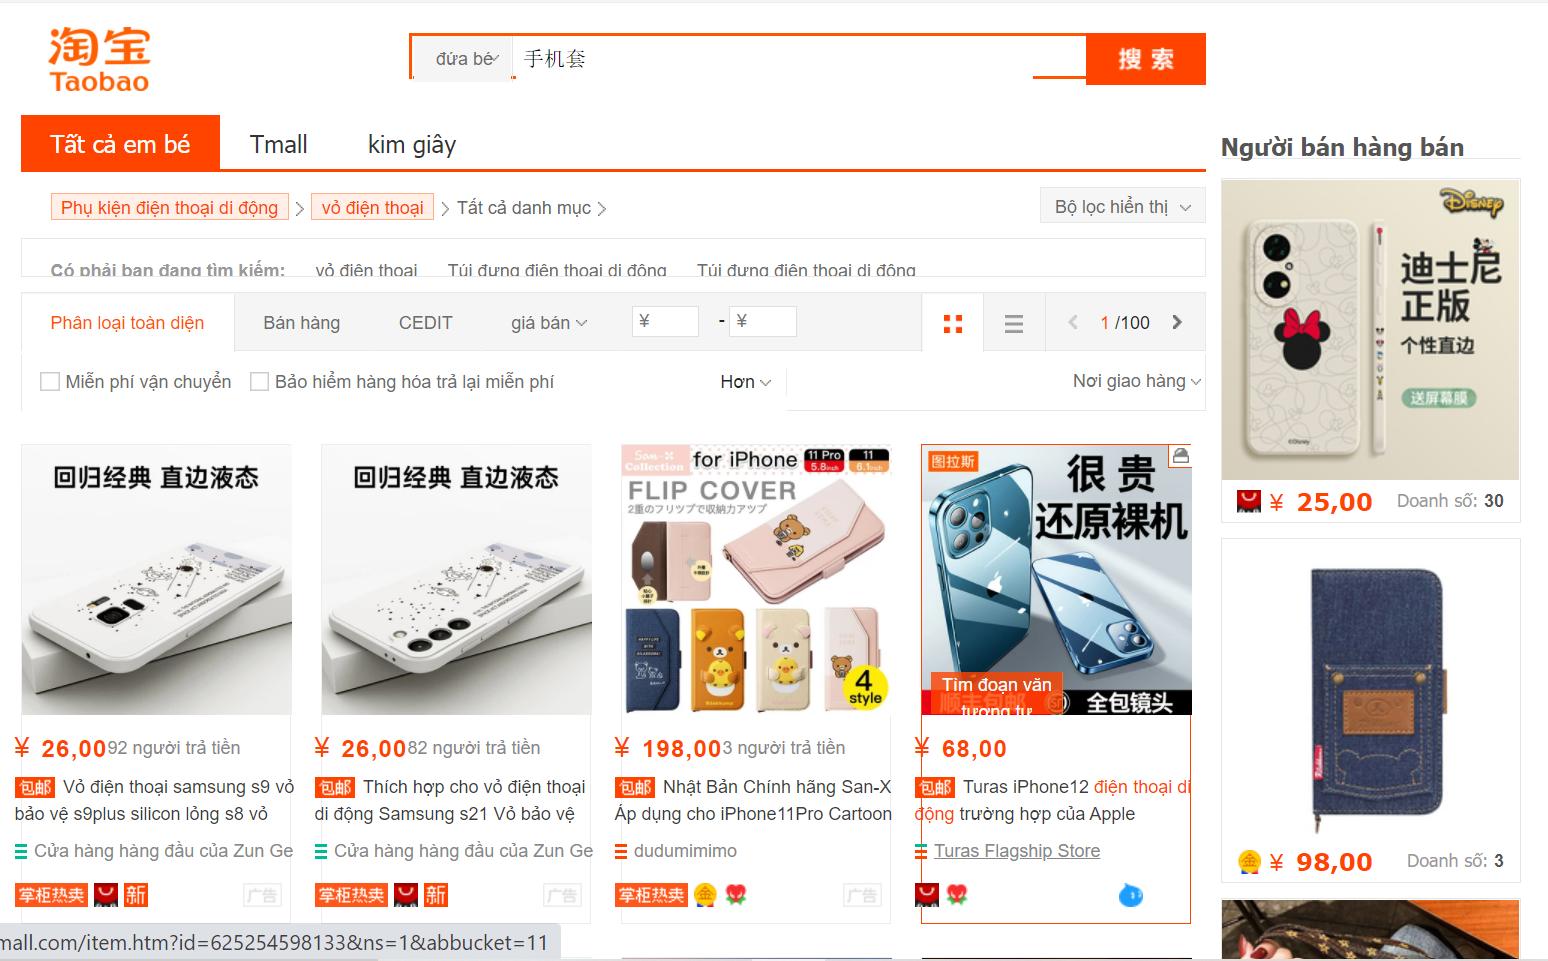 Phụ kiện điện thoại Taobao